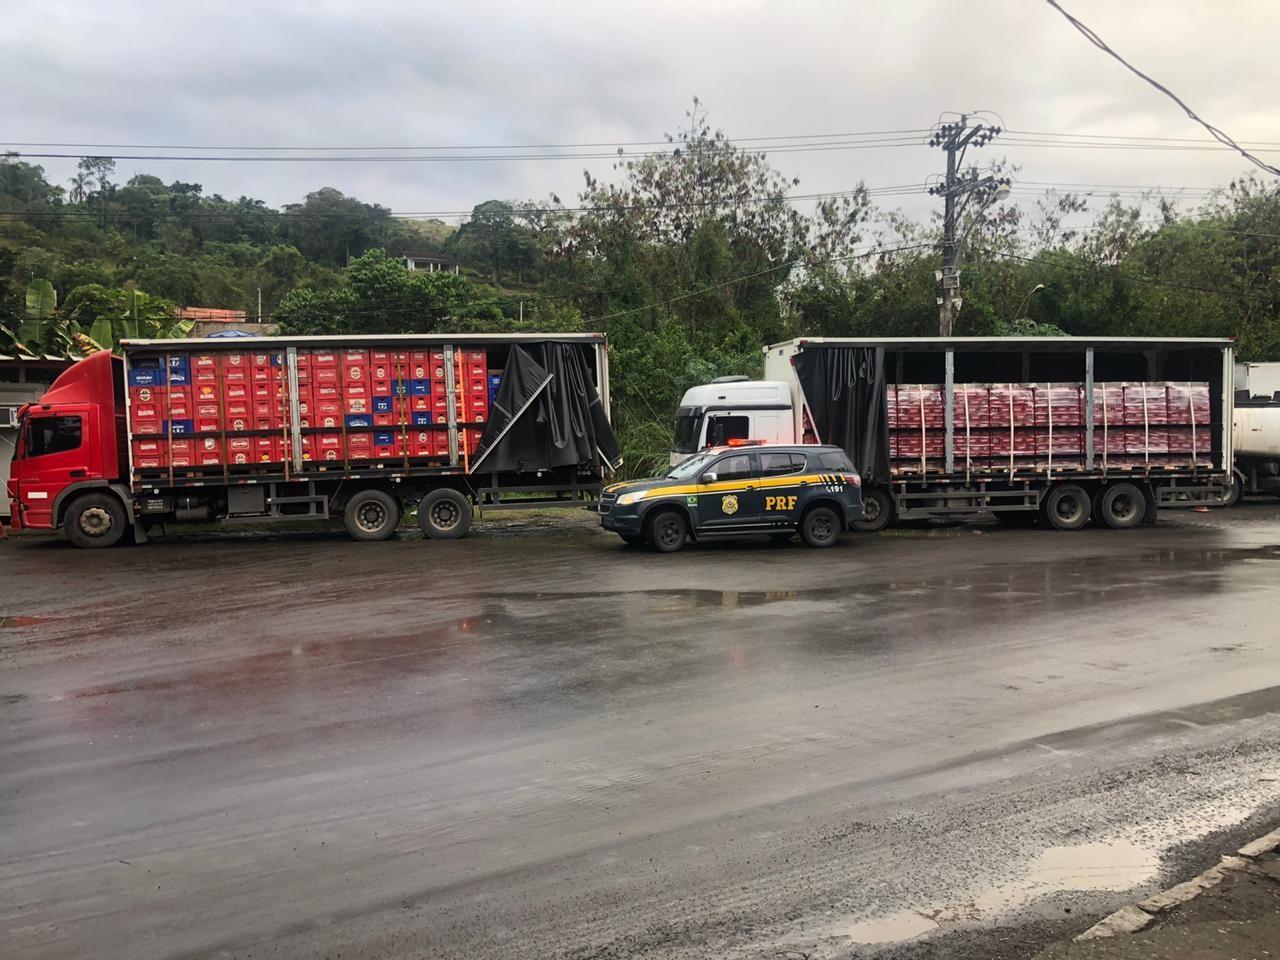 PRF apreende 130 mil litros de cerveja na BR-040, em Petrópolis, no RJ